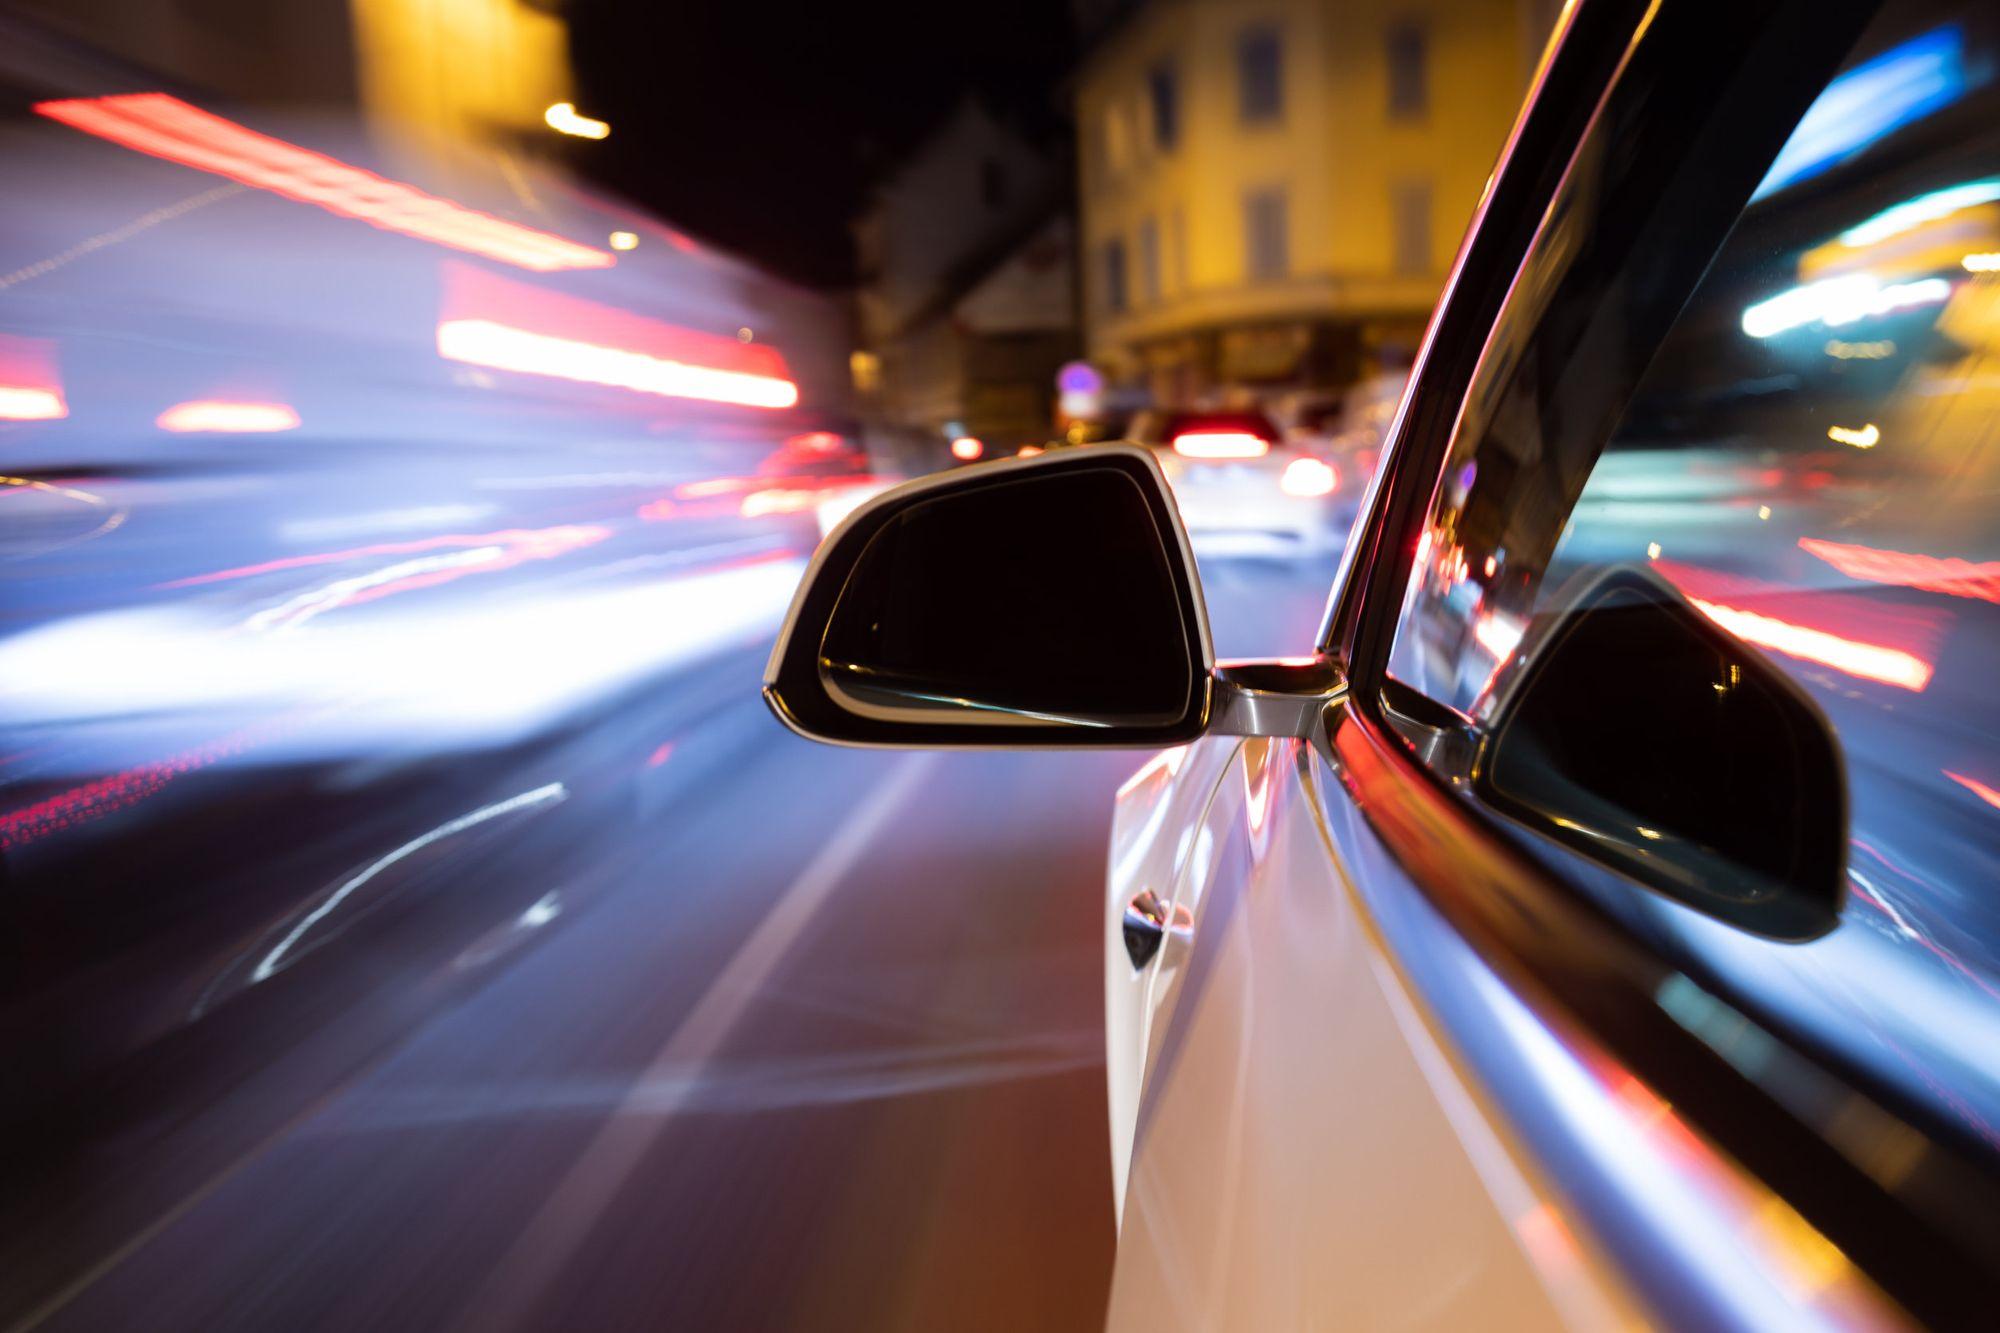 Consecuencias de manejar a alta velocidad